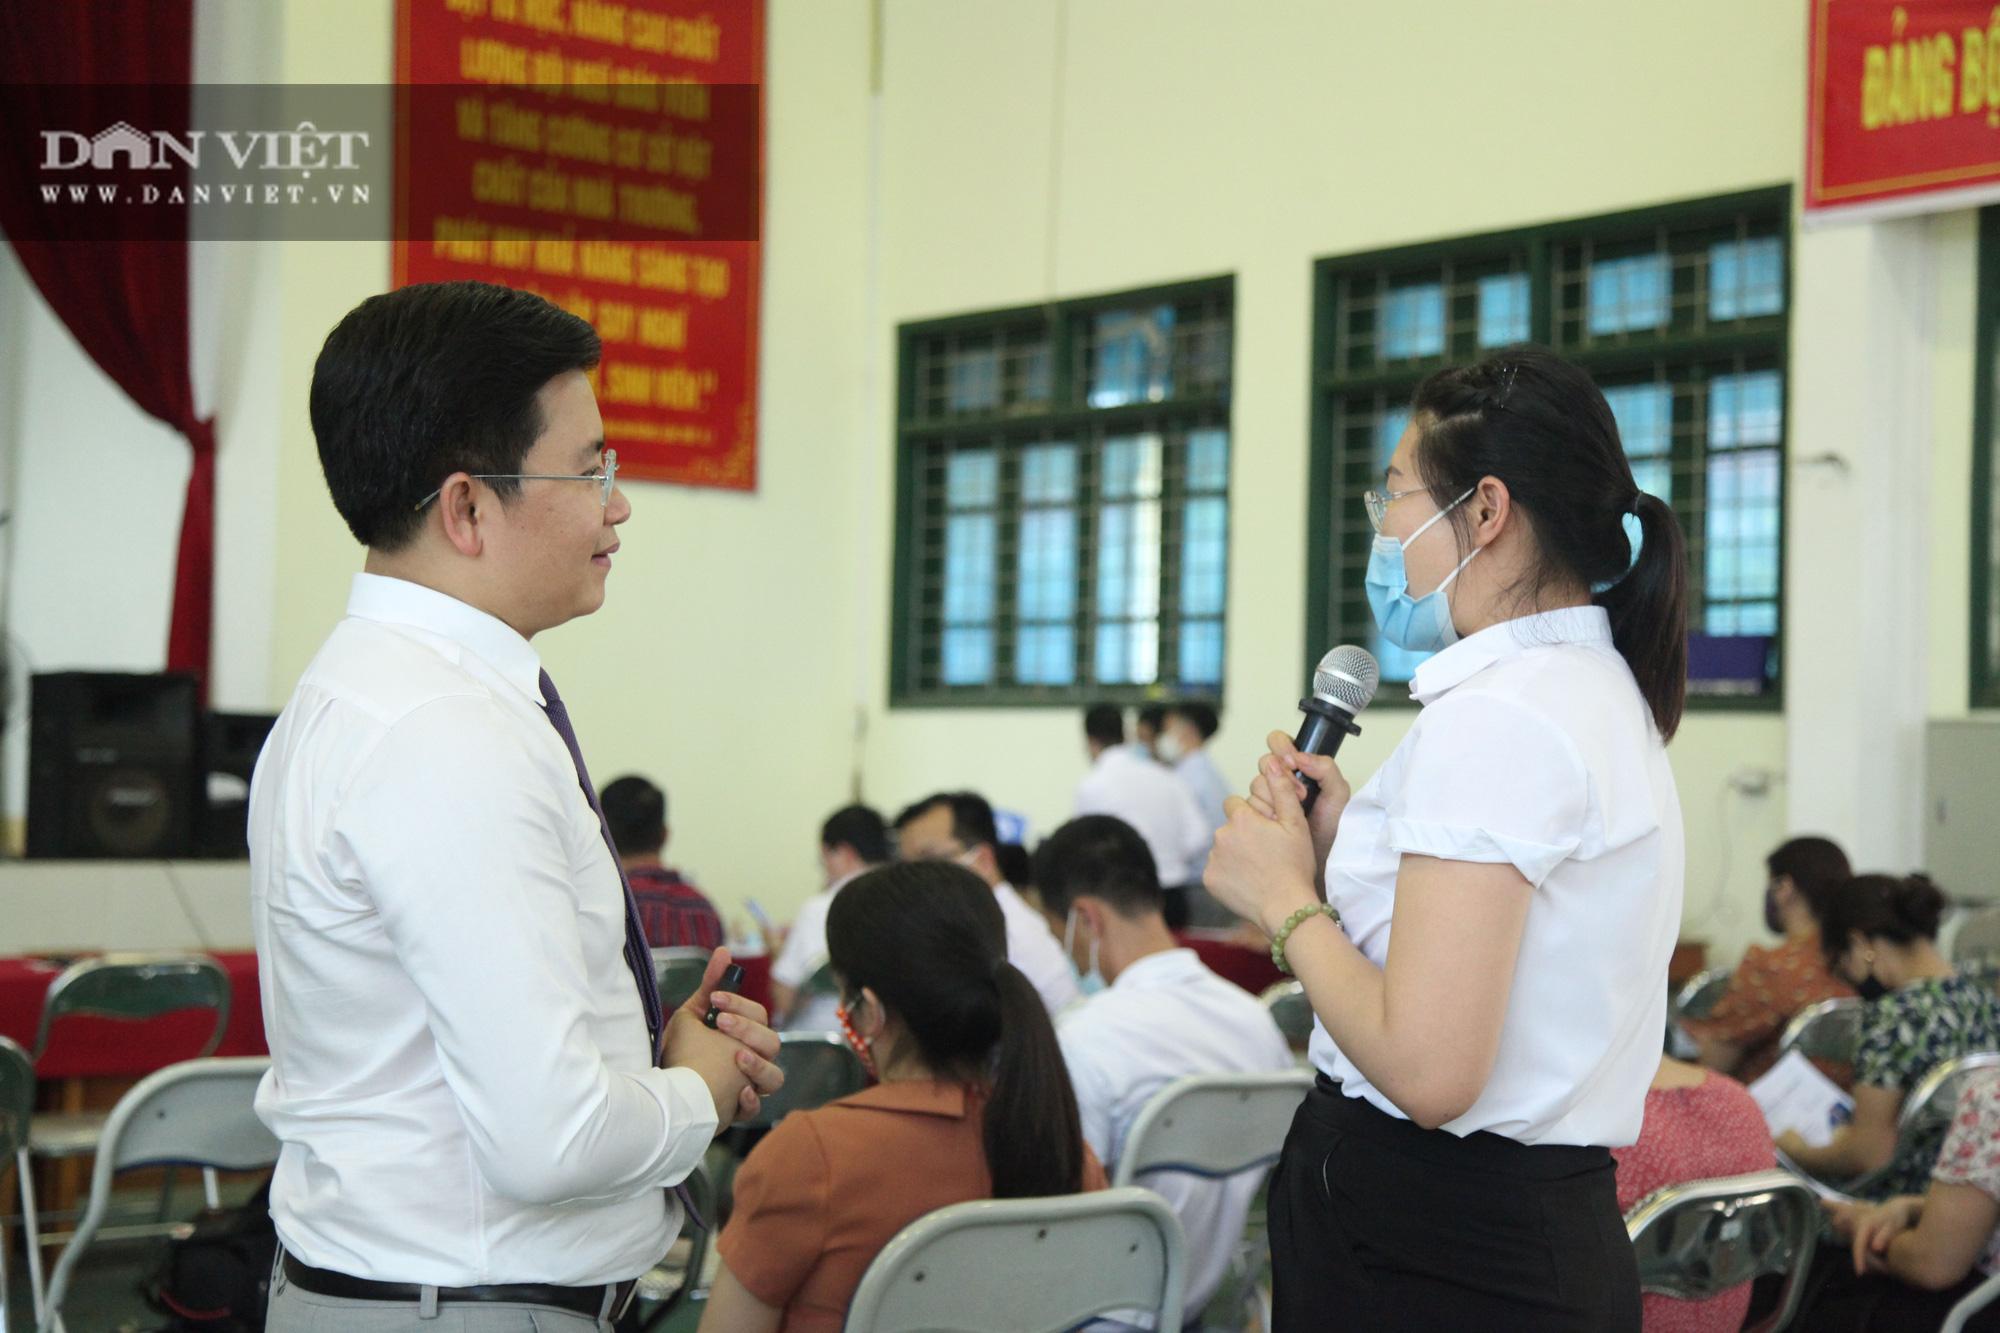 Bắc Kạn: Tập đoàn Kim Nam ký kế hợp tác cùng trường Cao đẳng Bắc Kạn - Ảnh 2.